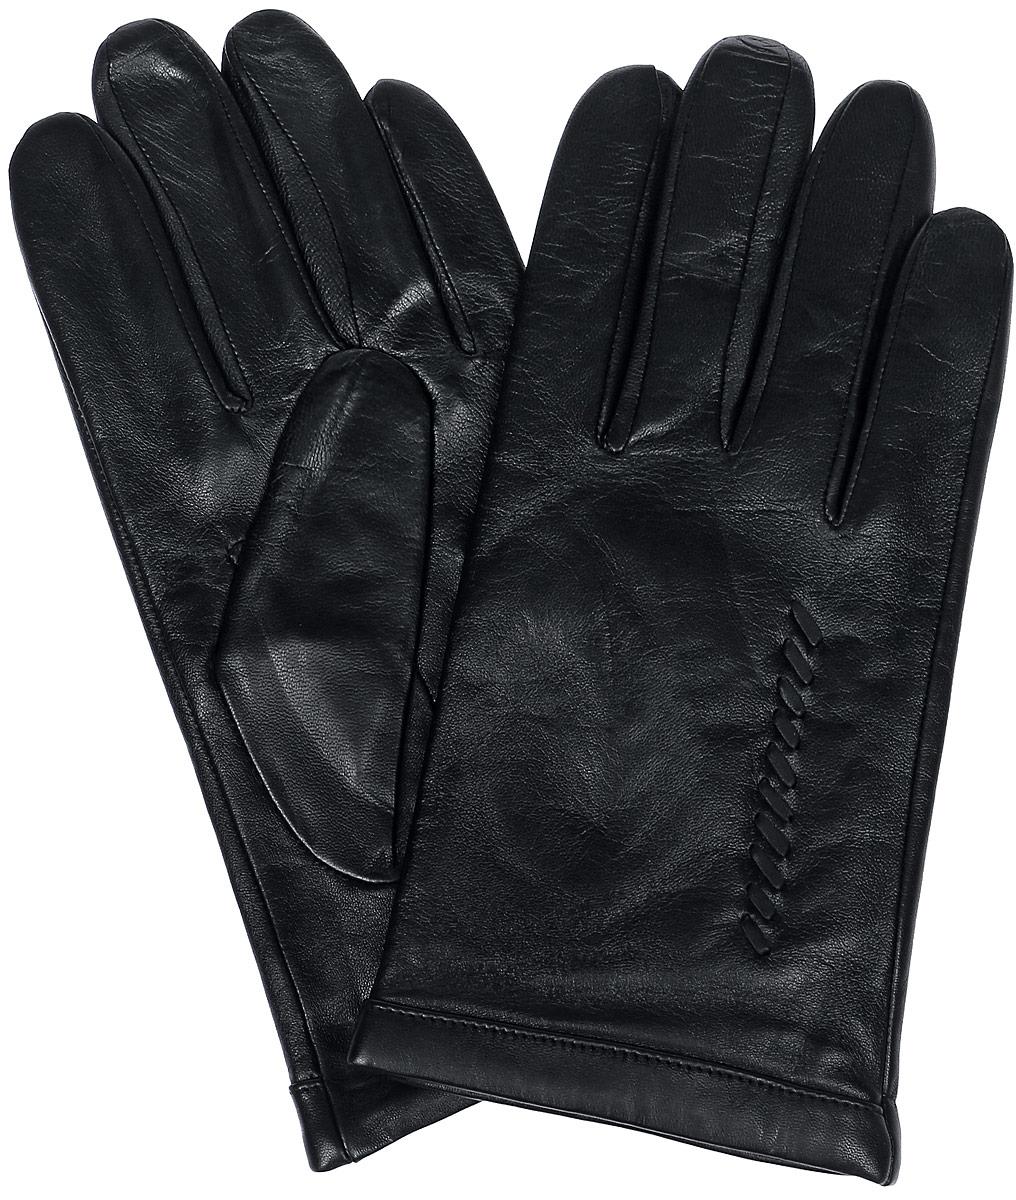 ПерчаткиLB-5475Перчатки Labbra выполнены из натуральной кожи и оформлены декоративными нашивками. Внутренняя поверхность выполнена из шерсти и акрила, которые обеспечат тепло и комфорт.